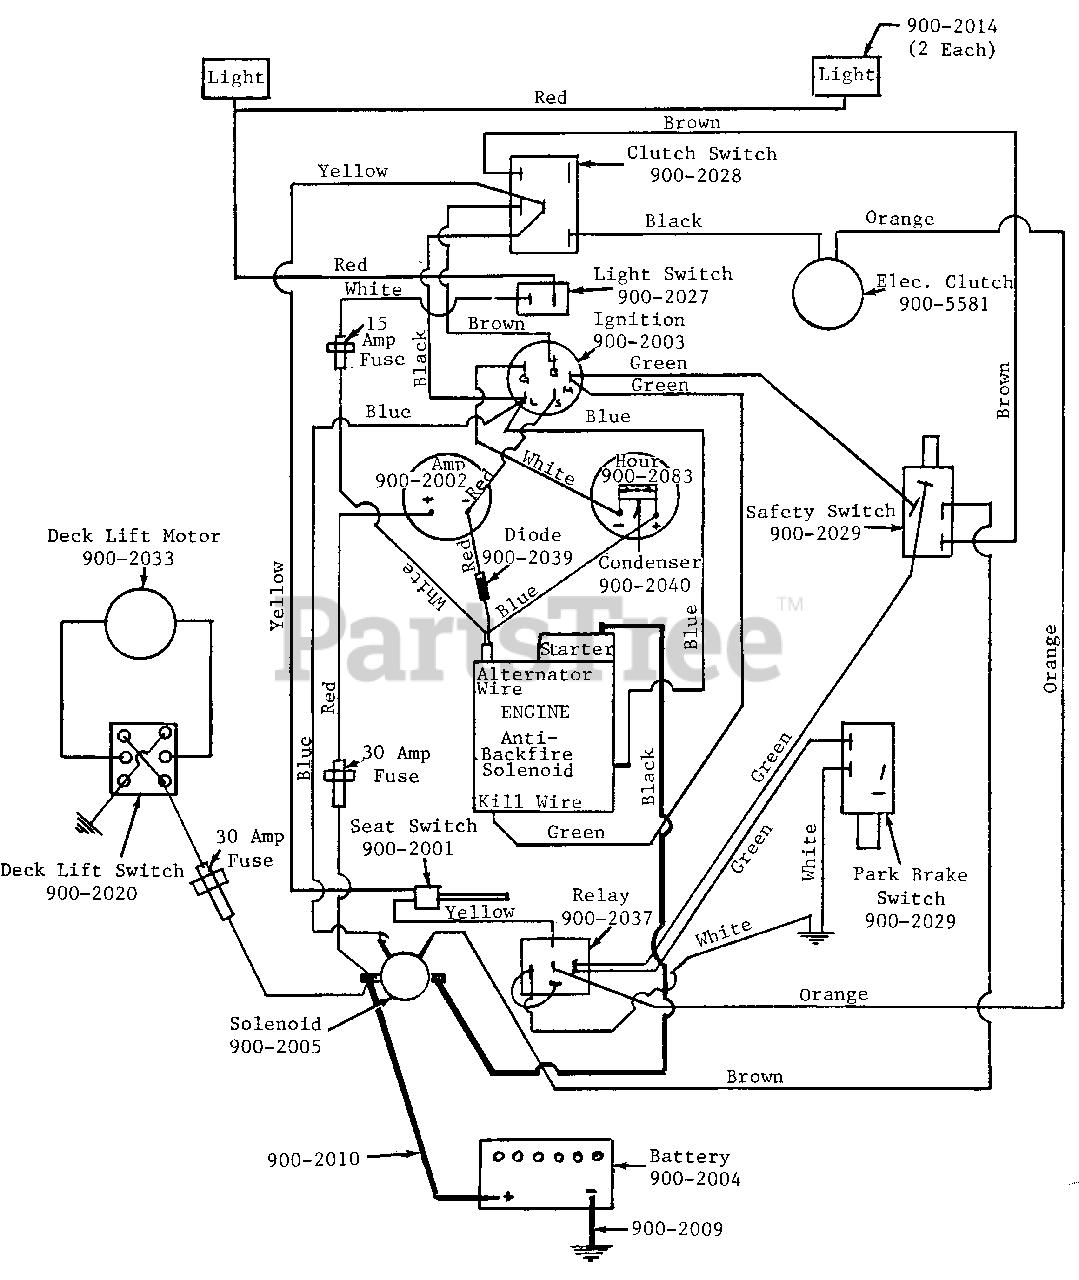 White Outdoor Zero Turn Wiring Diagram - Kawasaki Zxr 750 Wiring Diagram  for Wiring Diagram Schematics   White Outdoor Wiring Diagram      Wiring Diagram Schematics